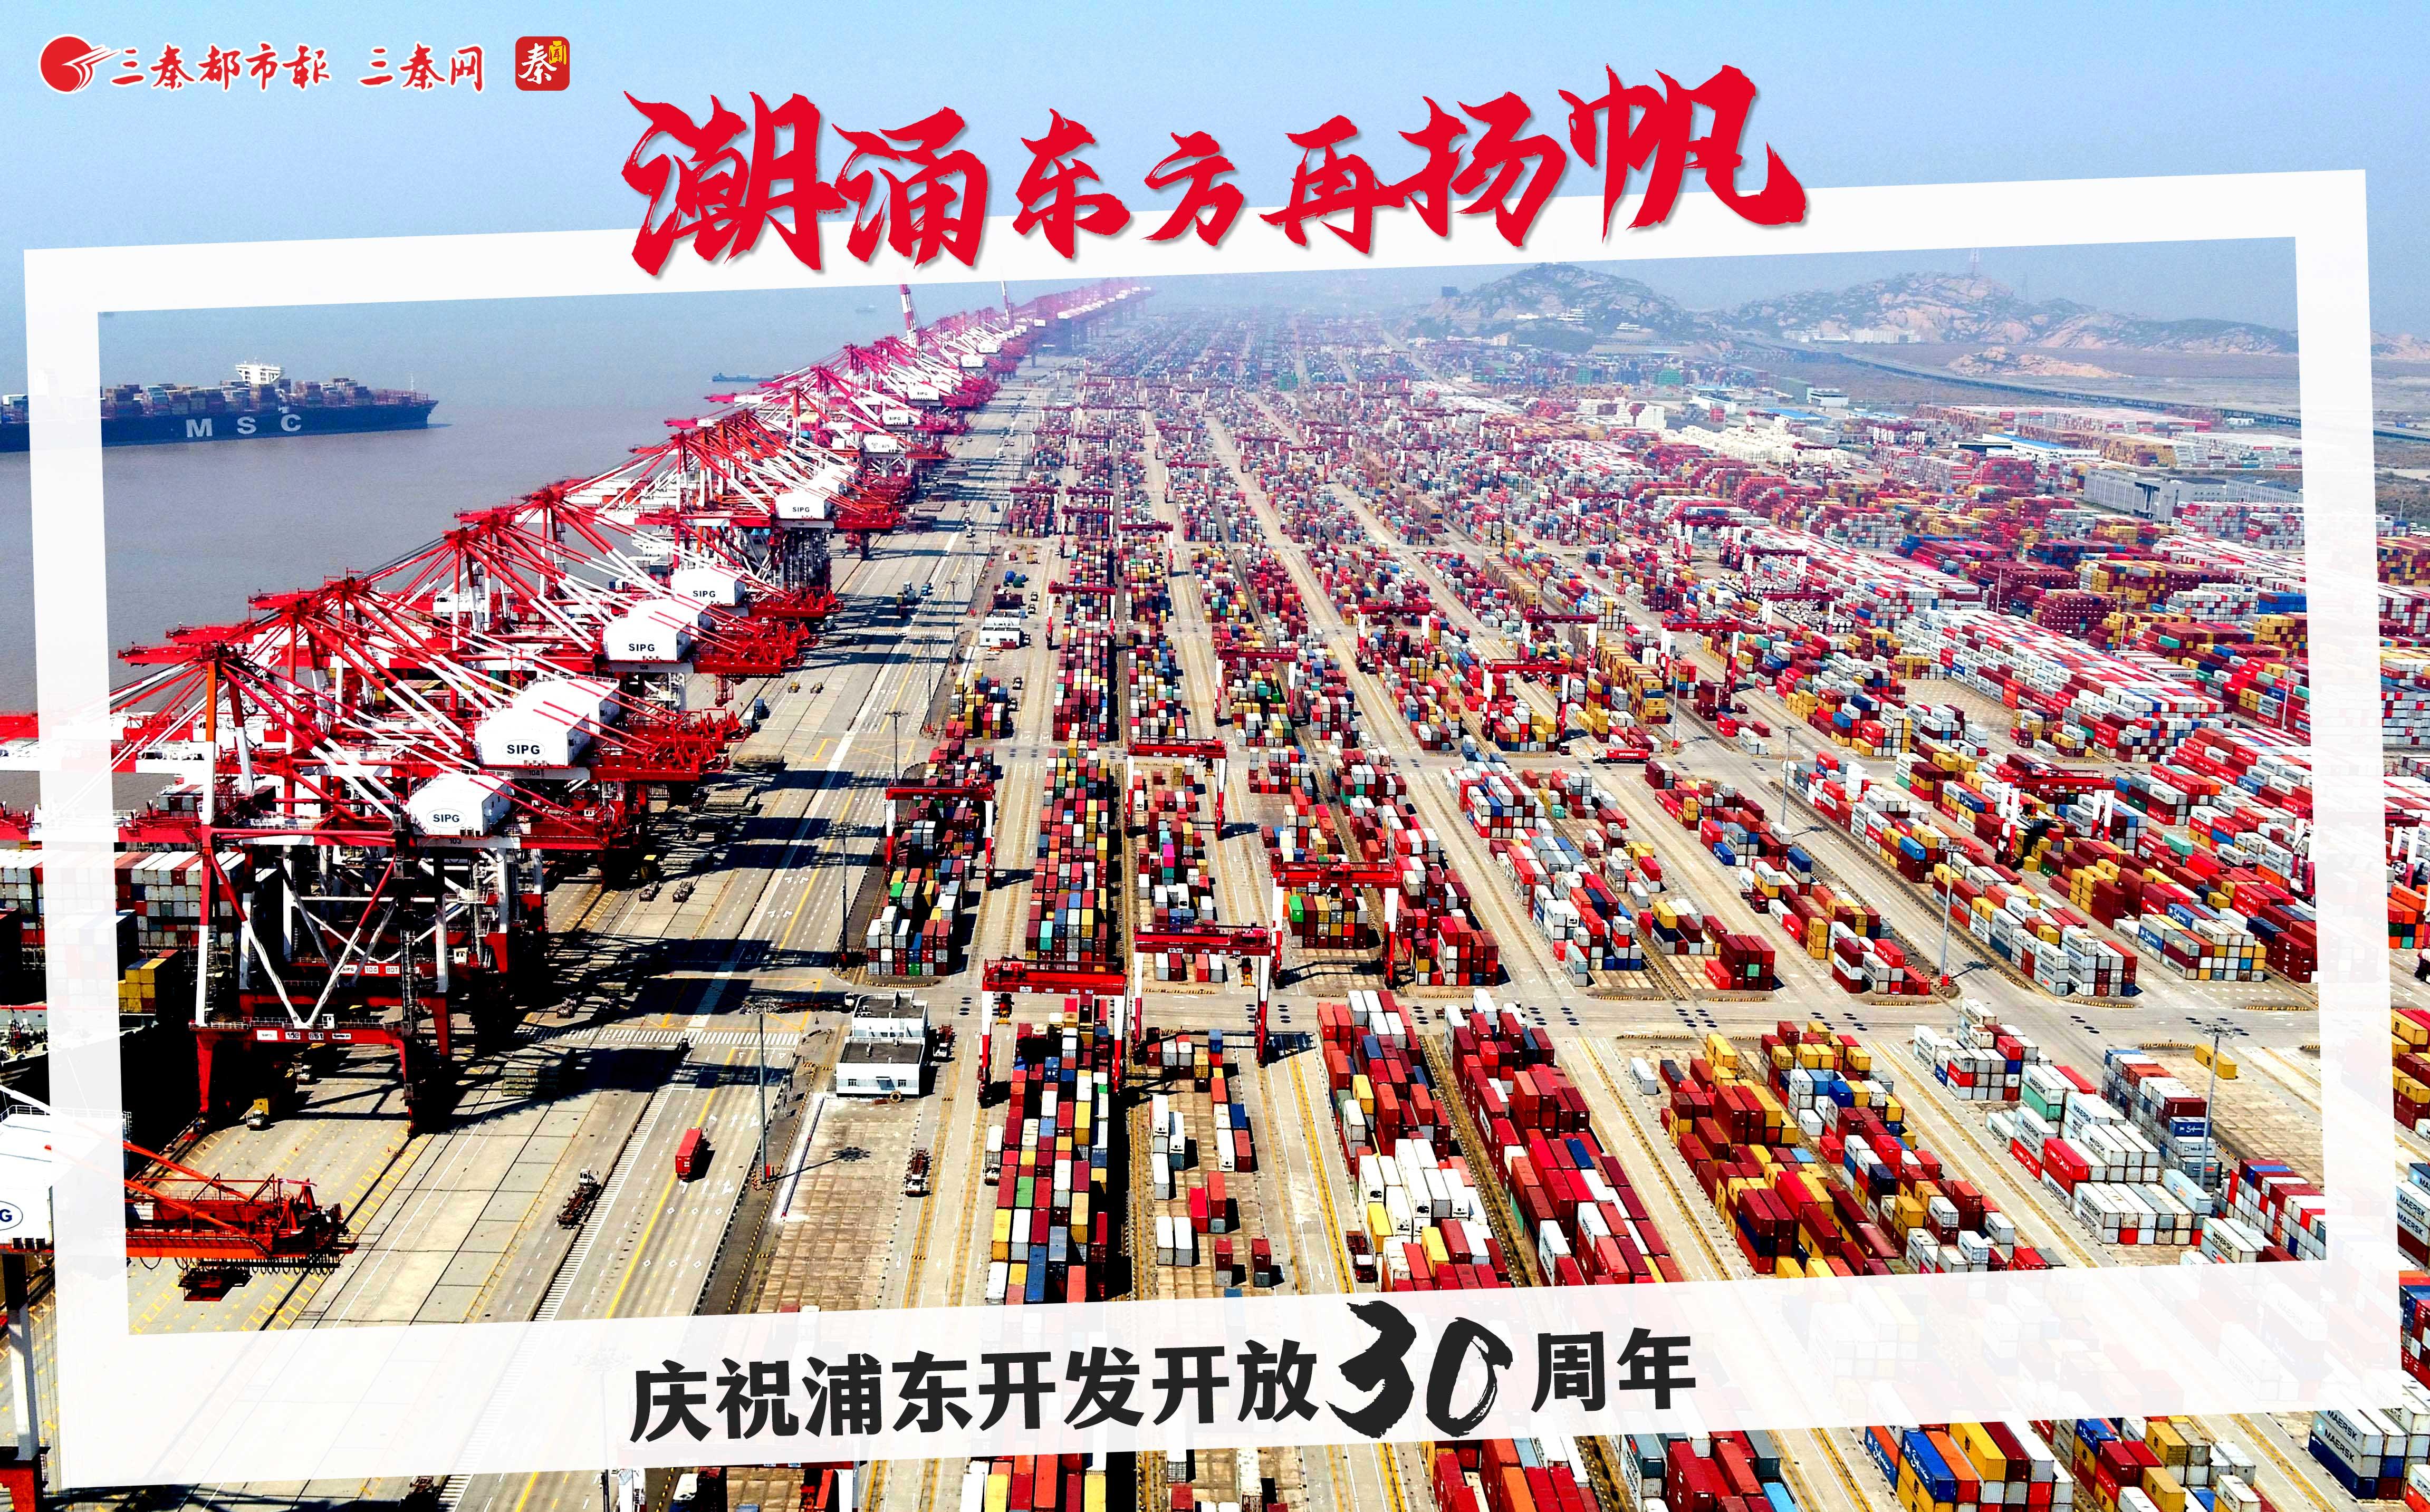 庆祝浦东开发开放30周年